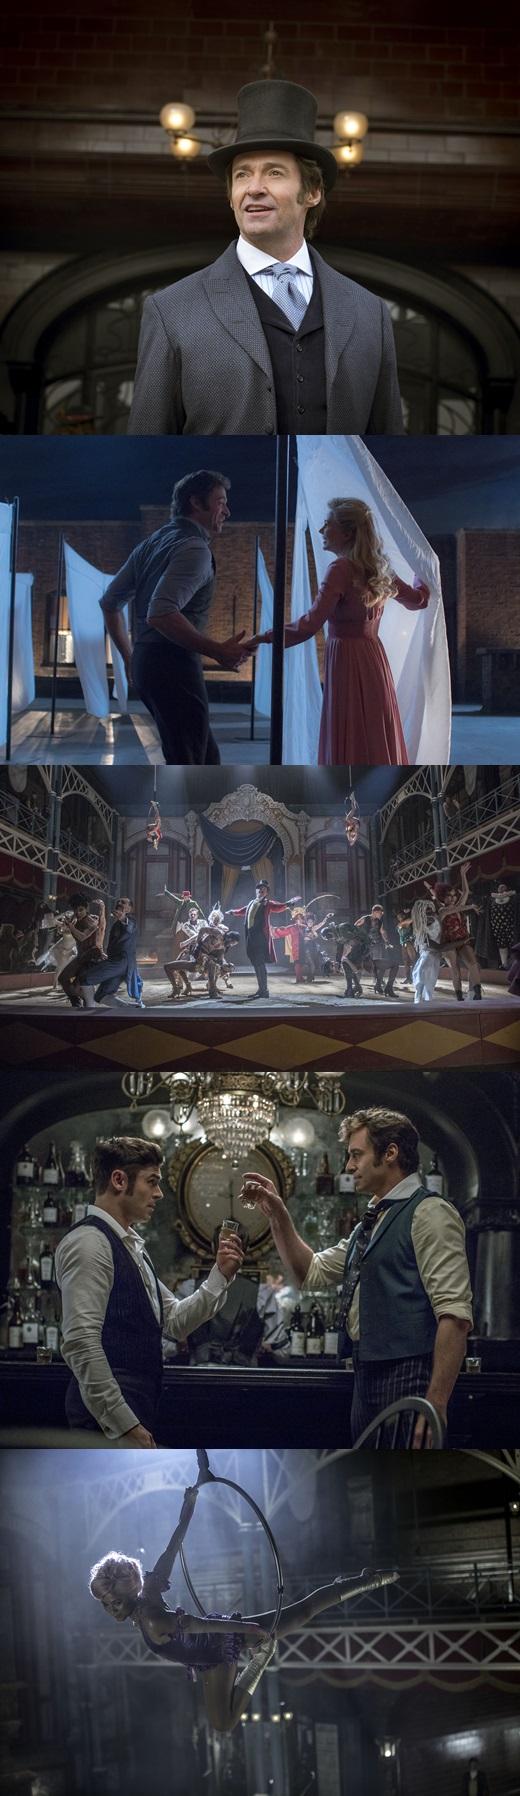 '위대한 쇼맨' 휴 잭맨이 돌아온다… 압도적인 스케일+화려한 영상미